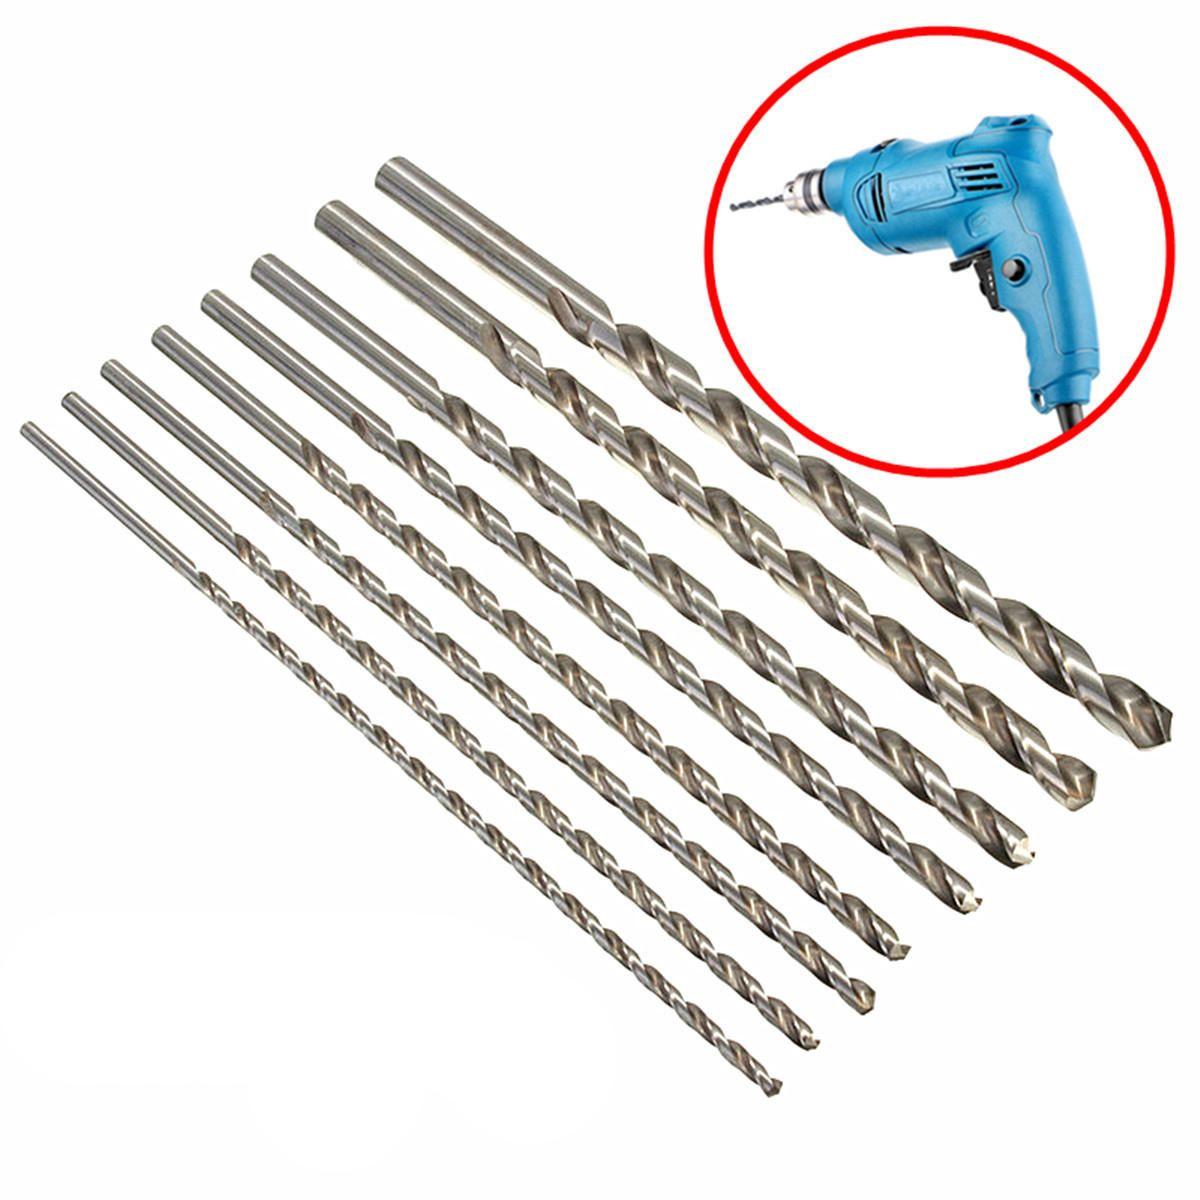 Drillpro 9pcs 2.35mm Shank 0.8-2.2mm HSS Twist Drill Bits